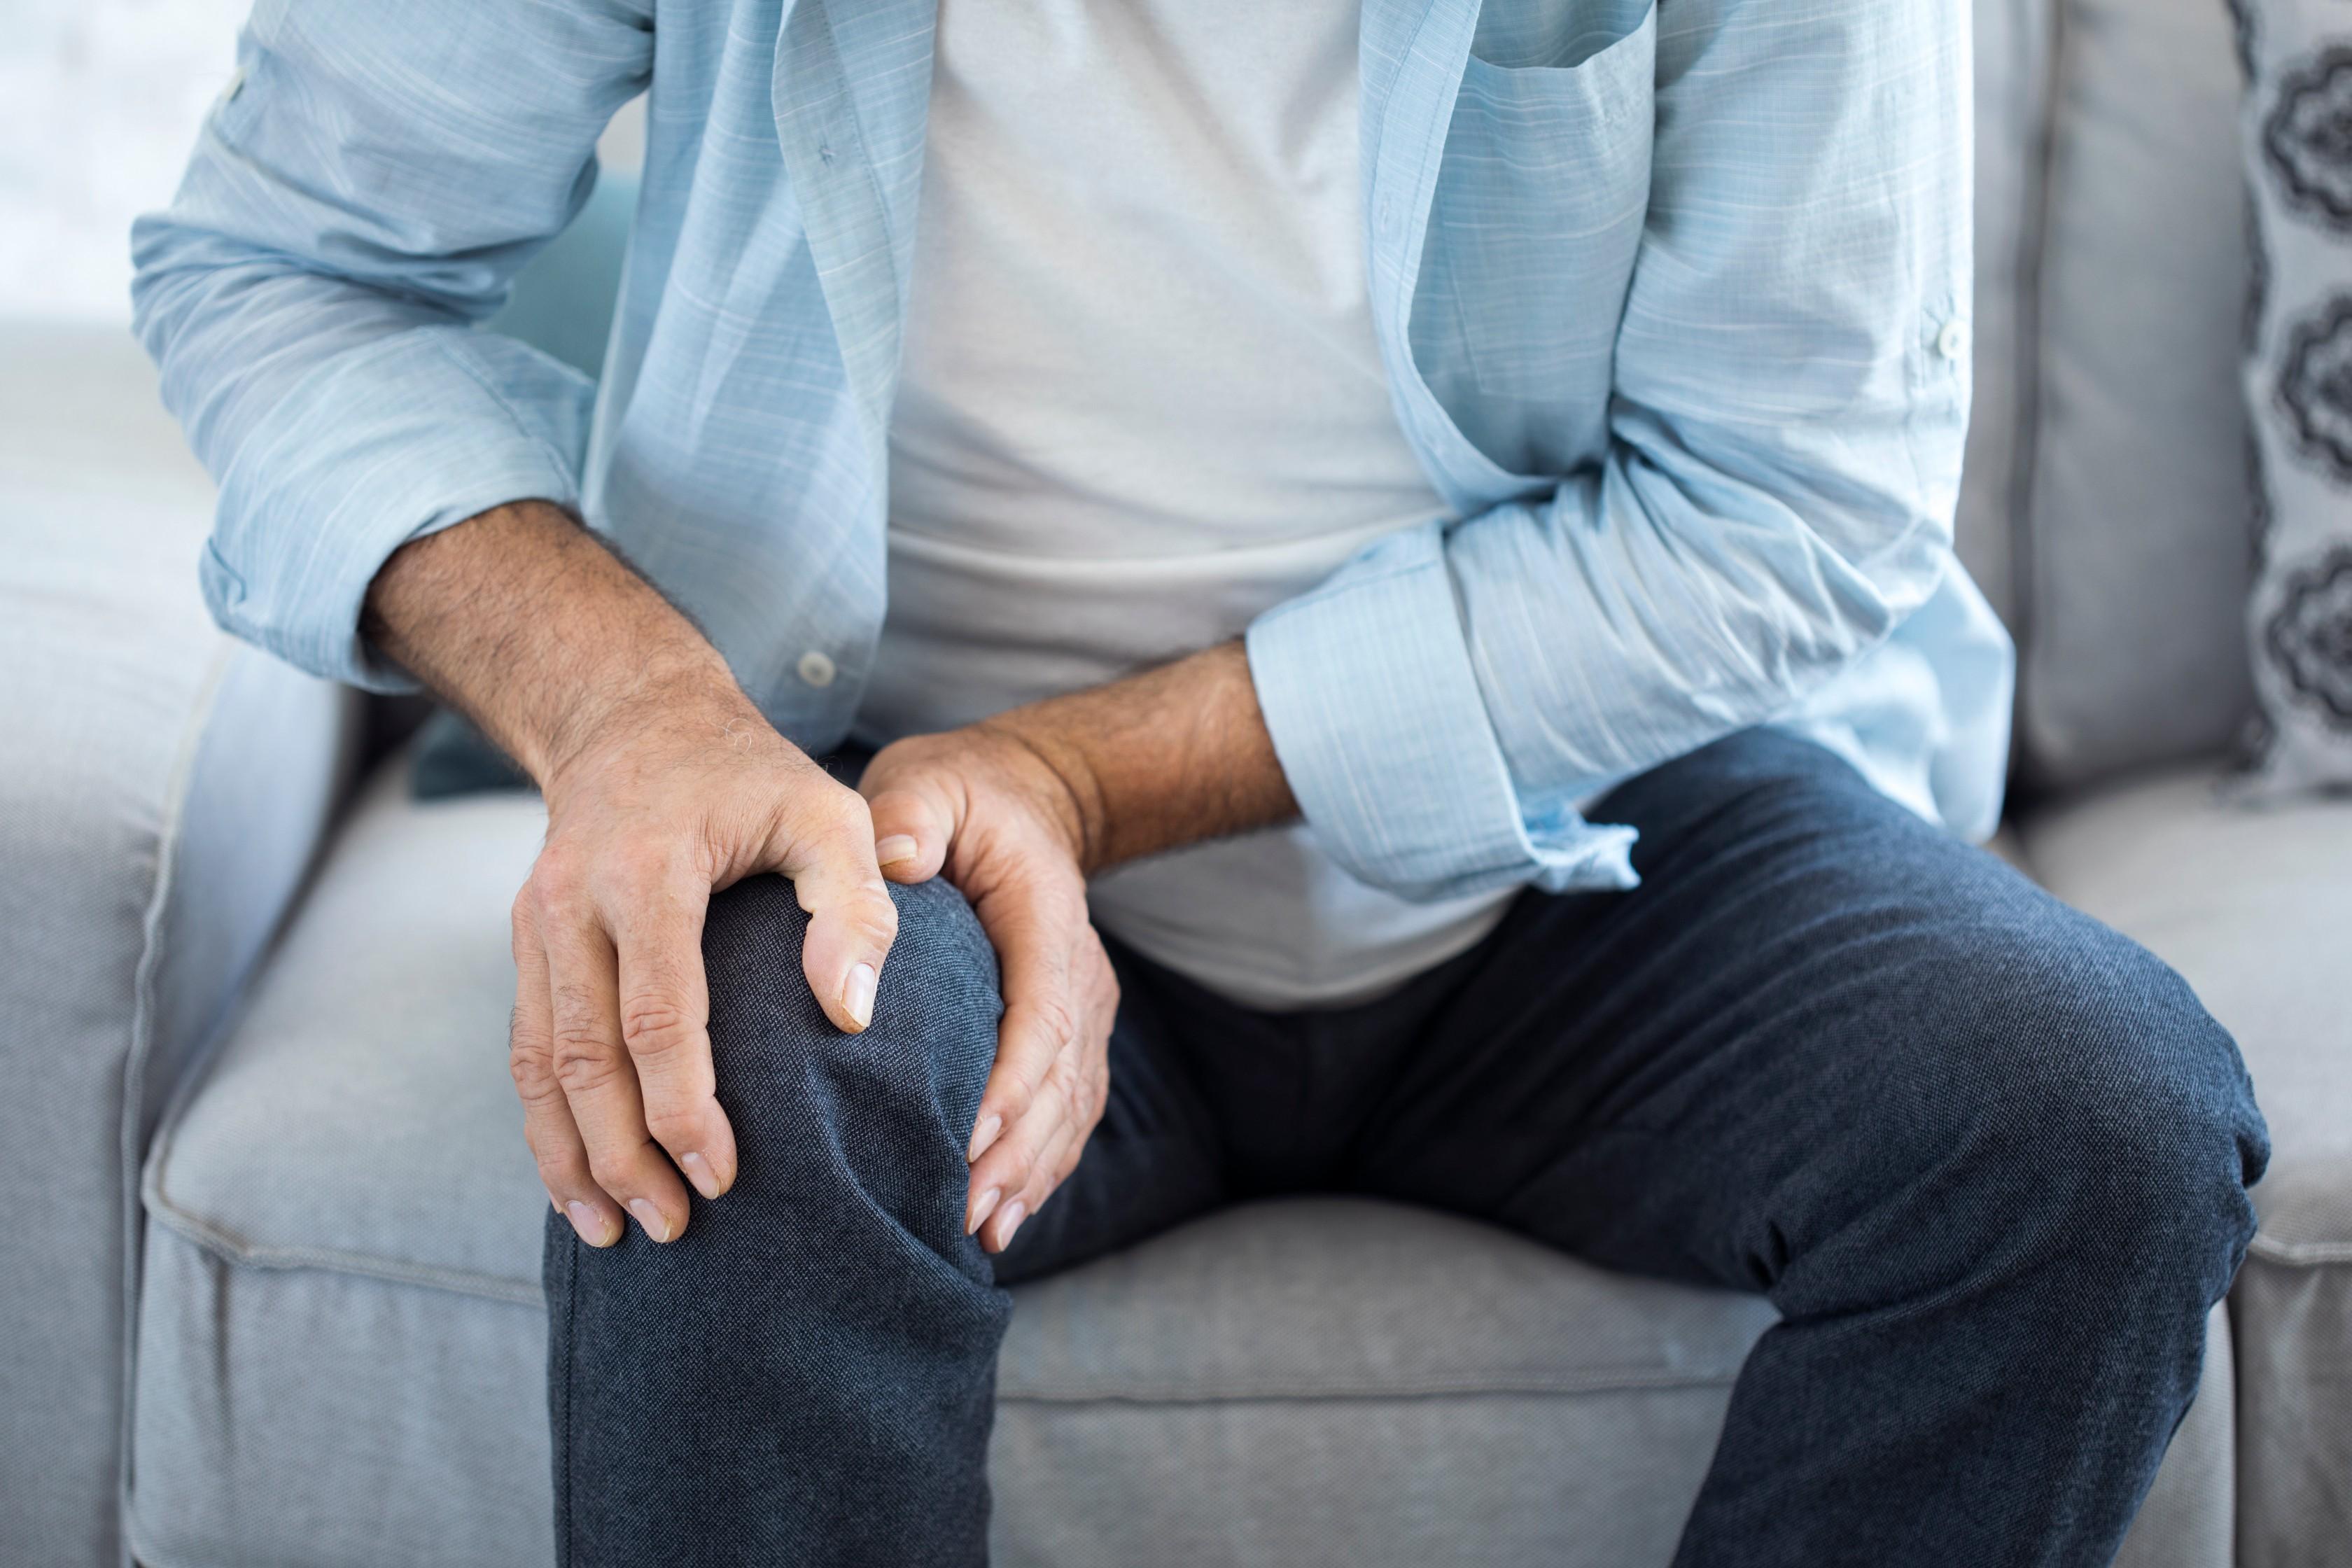 ízületi fájdalmat okoz a lábak duzzadása az ízületi kezelés során